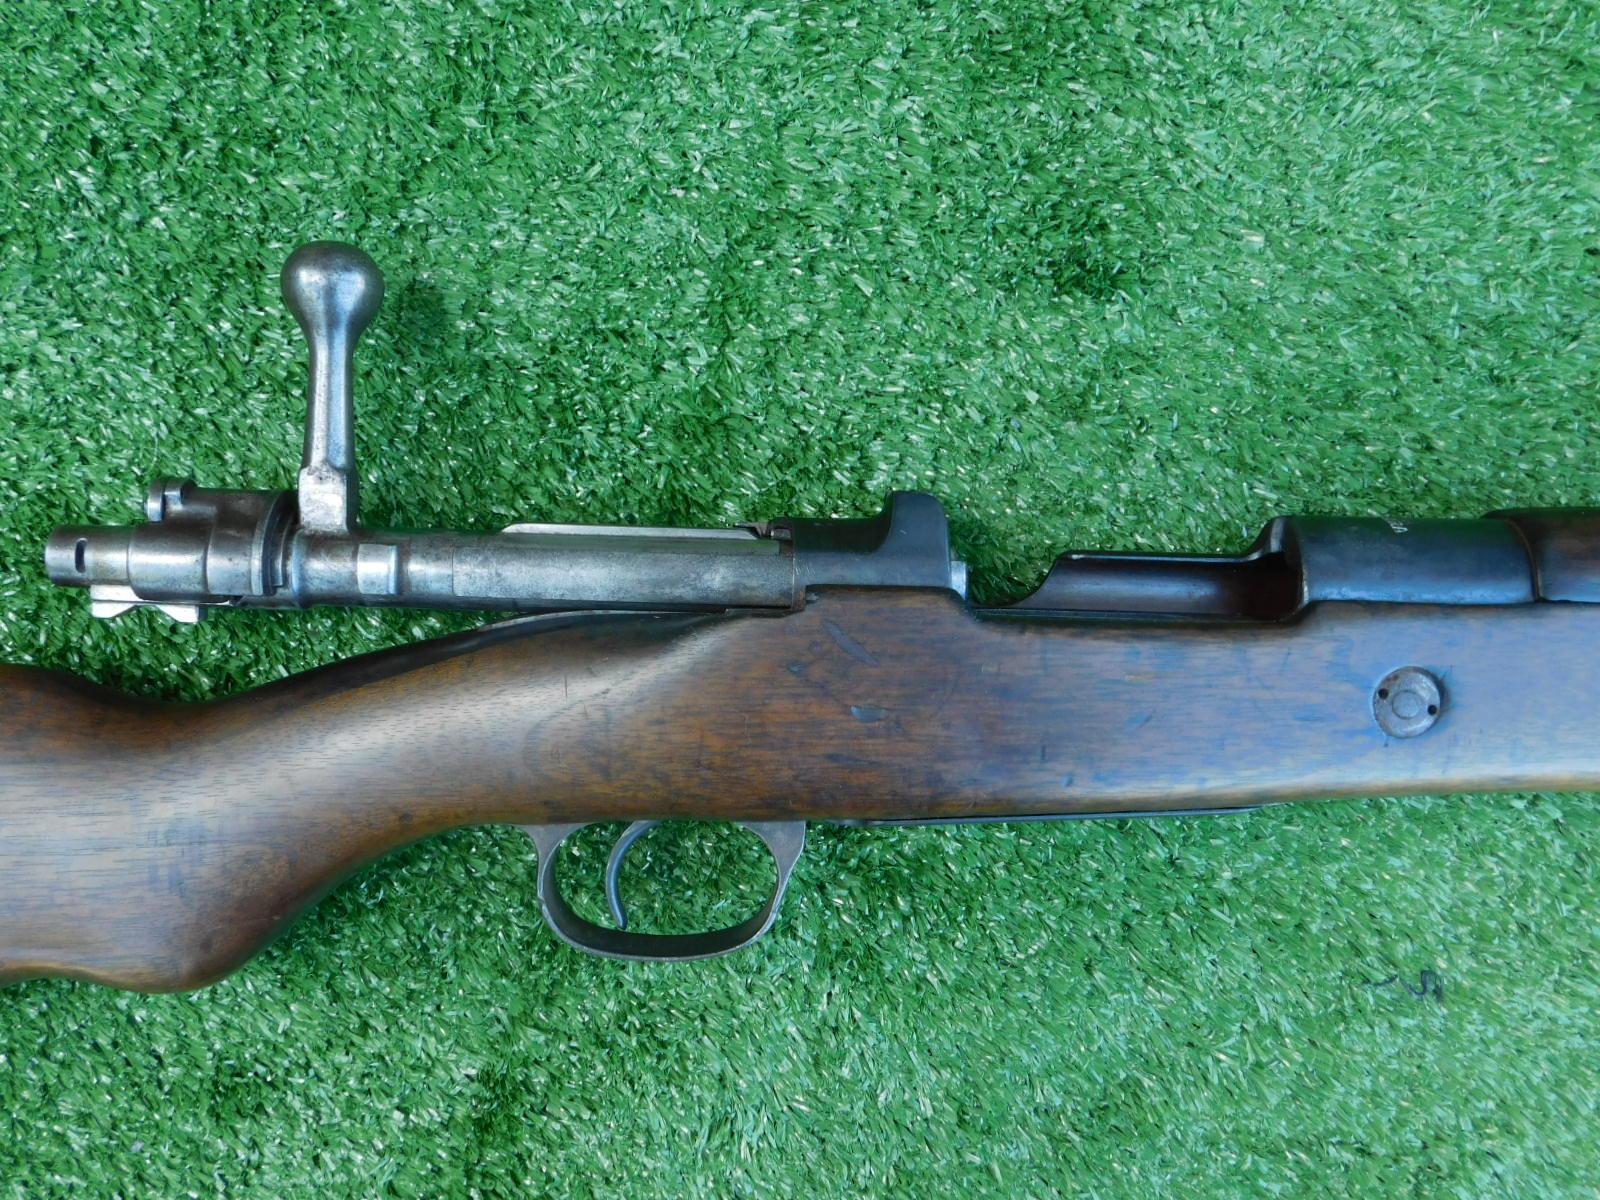 Matching Turkish Mauser